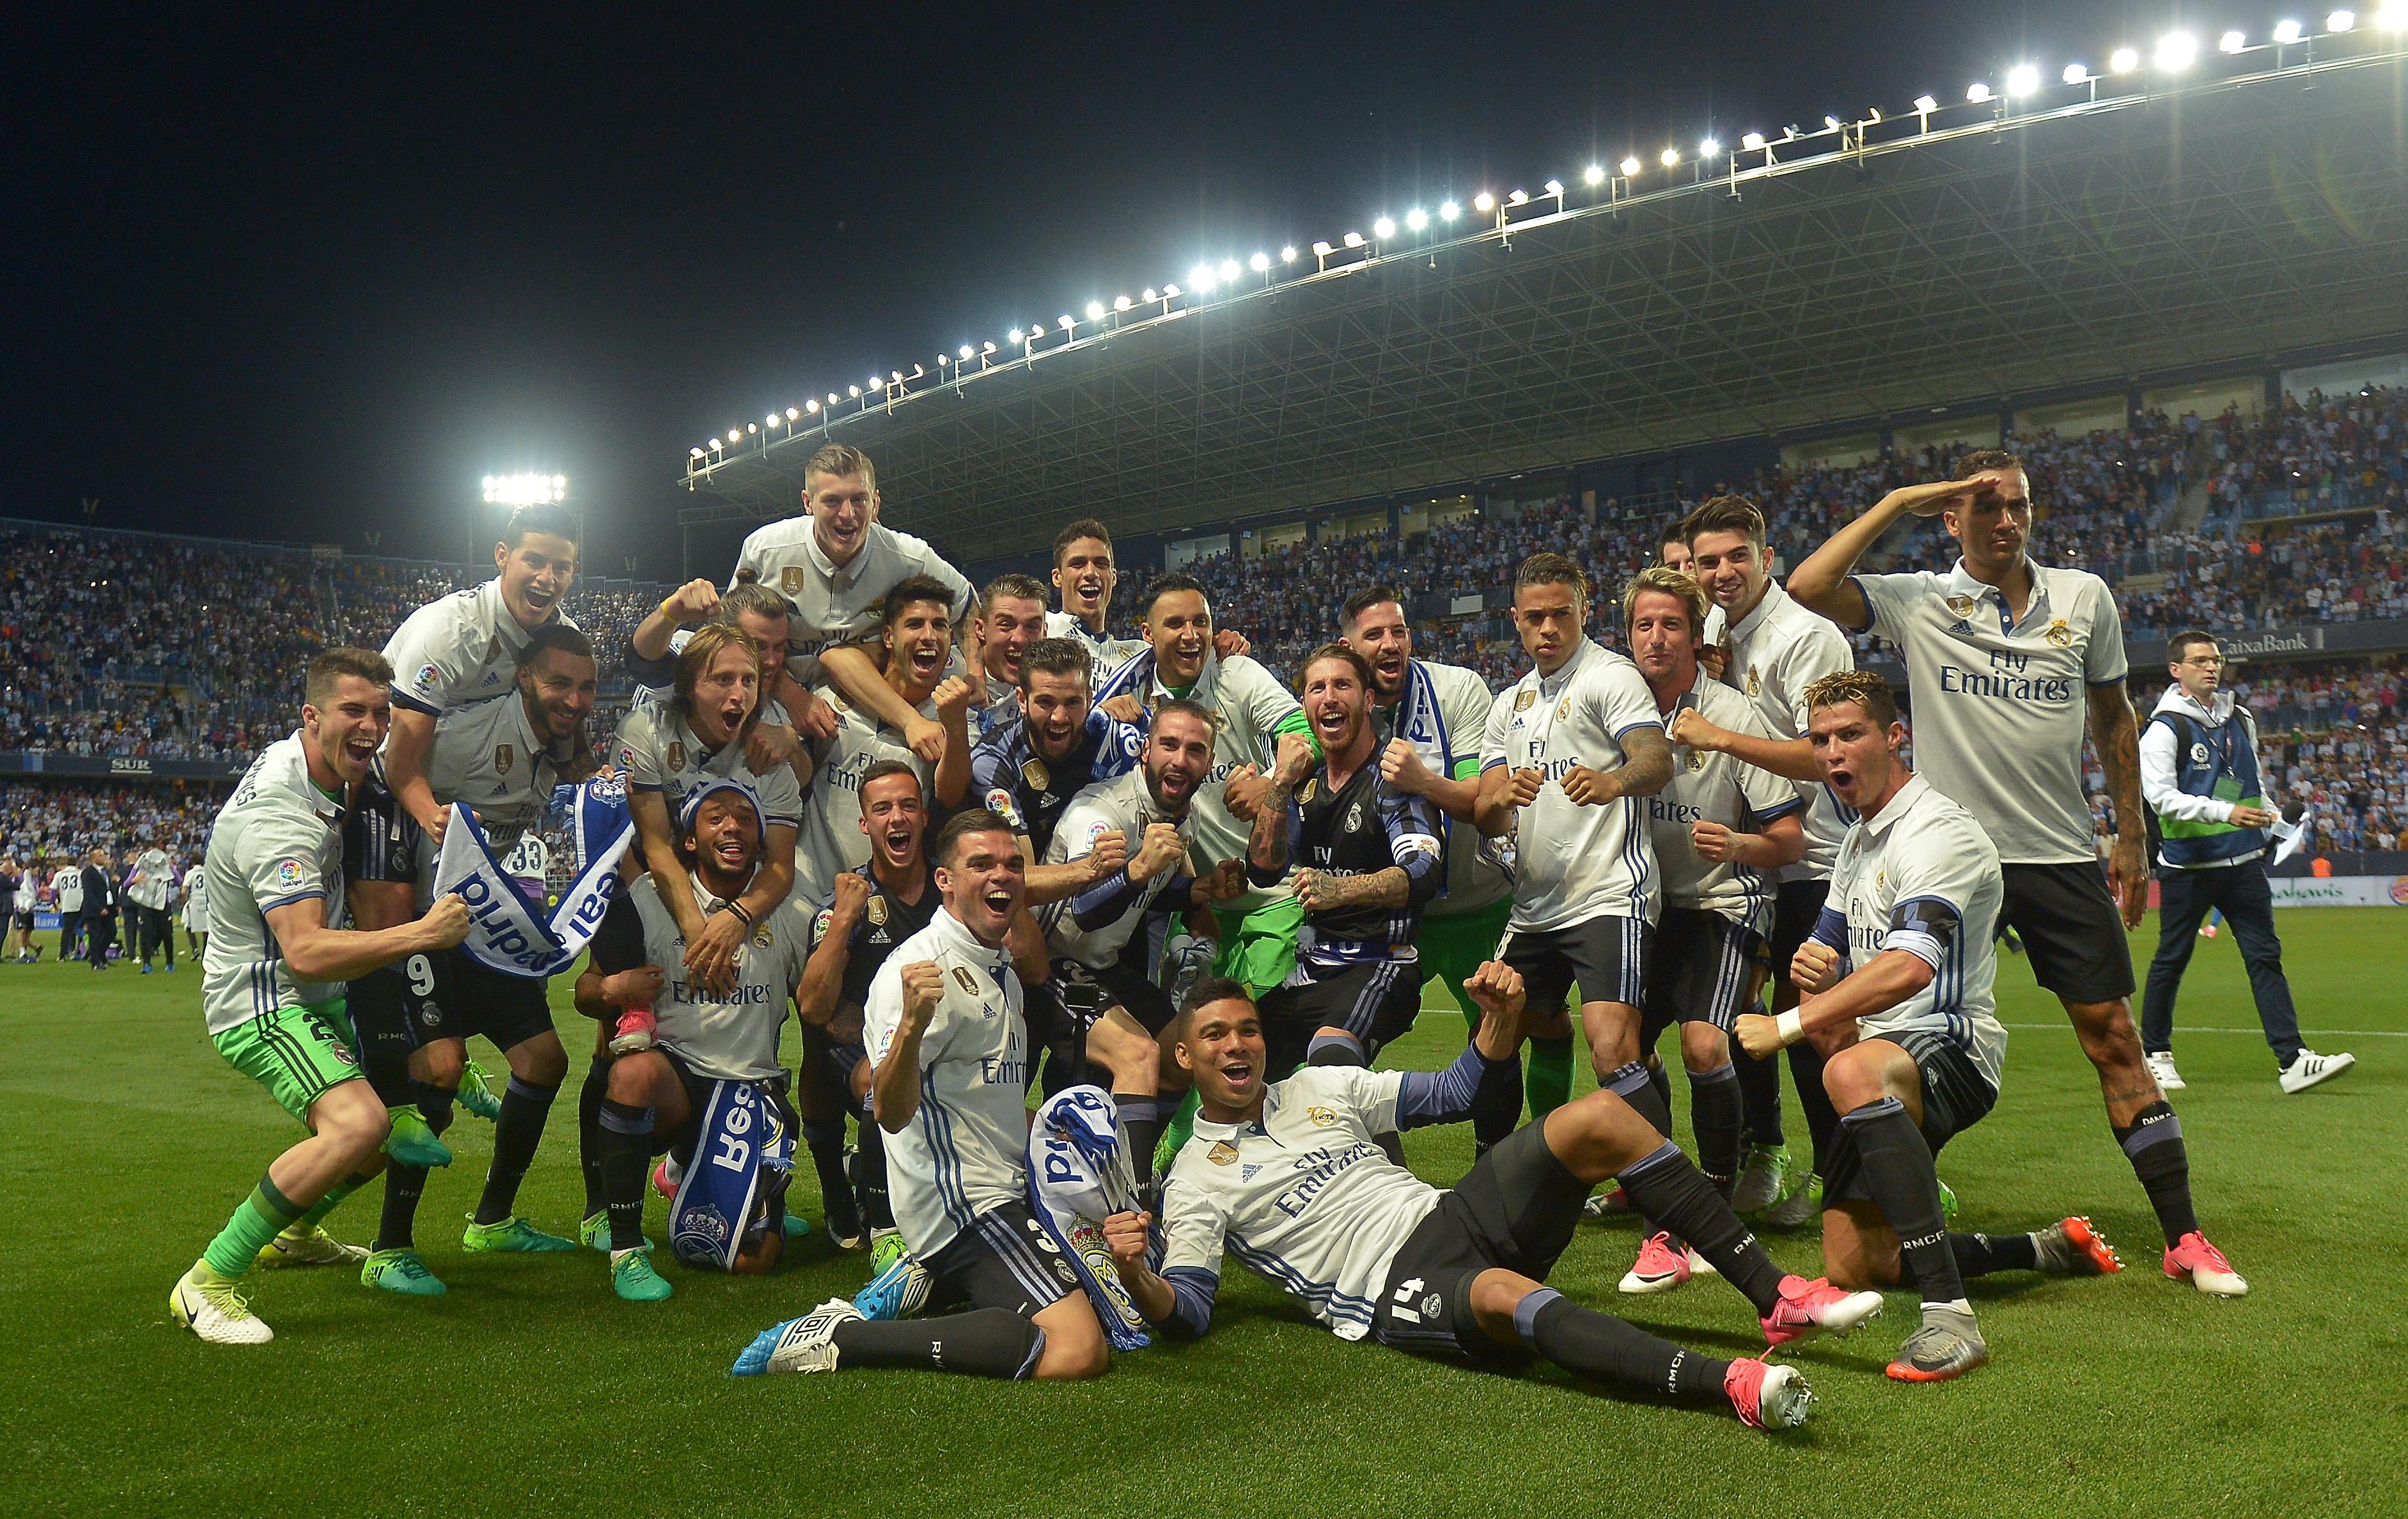 2016-17 La Liga Champions - Real Madrid